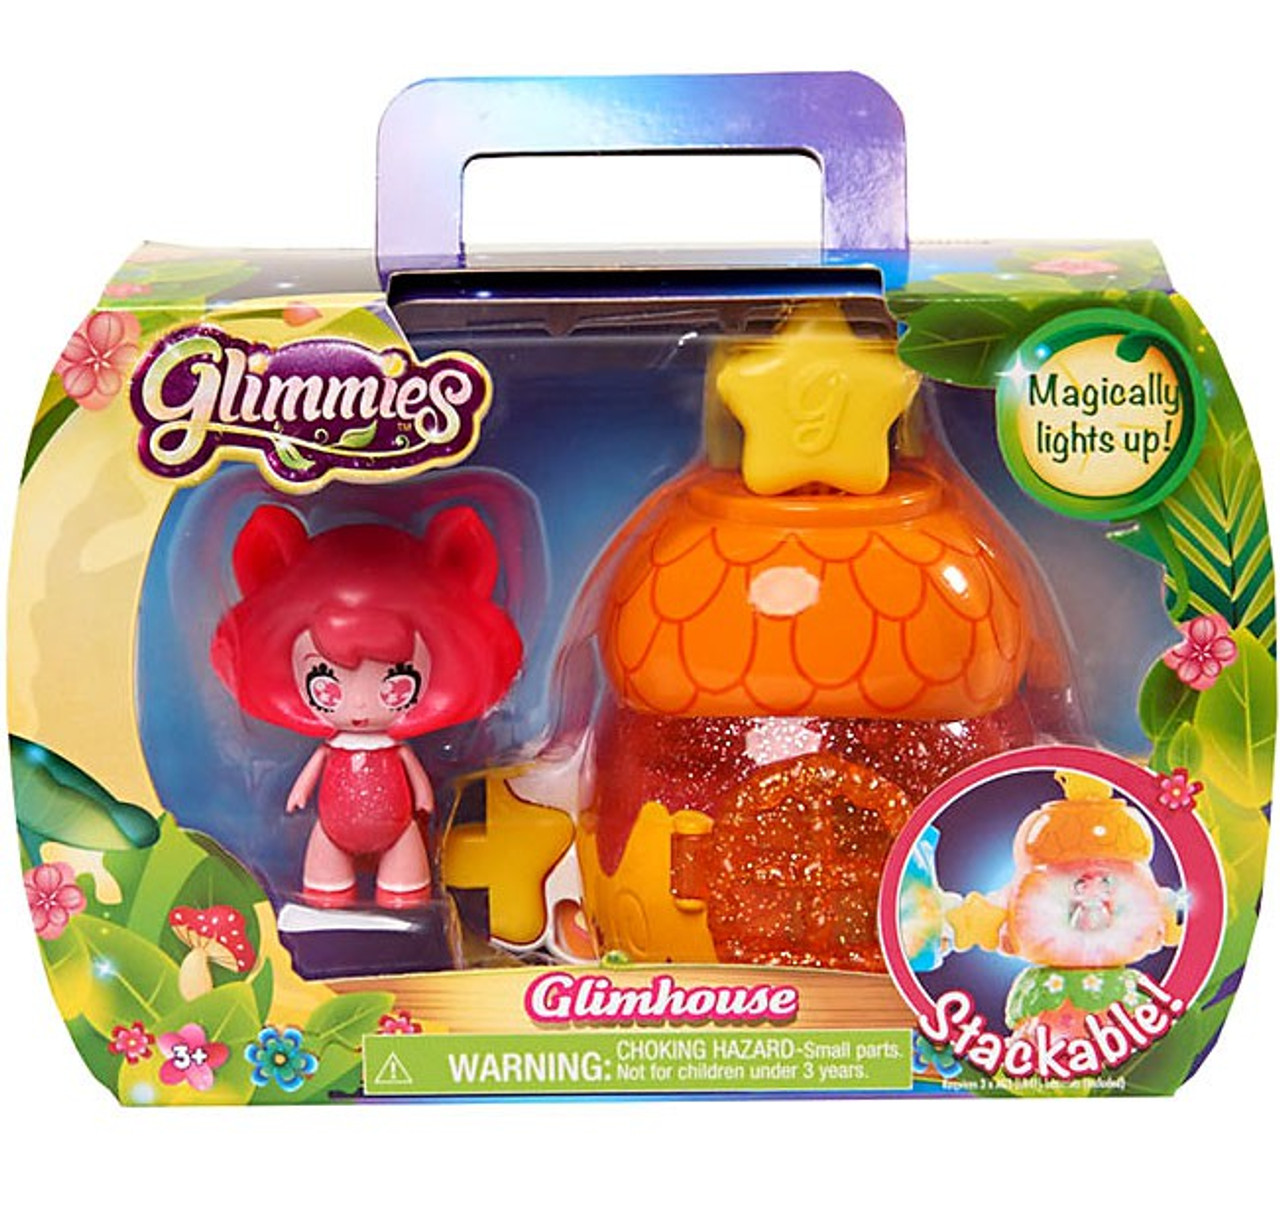 Glimmies Glimhouse